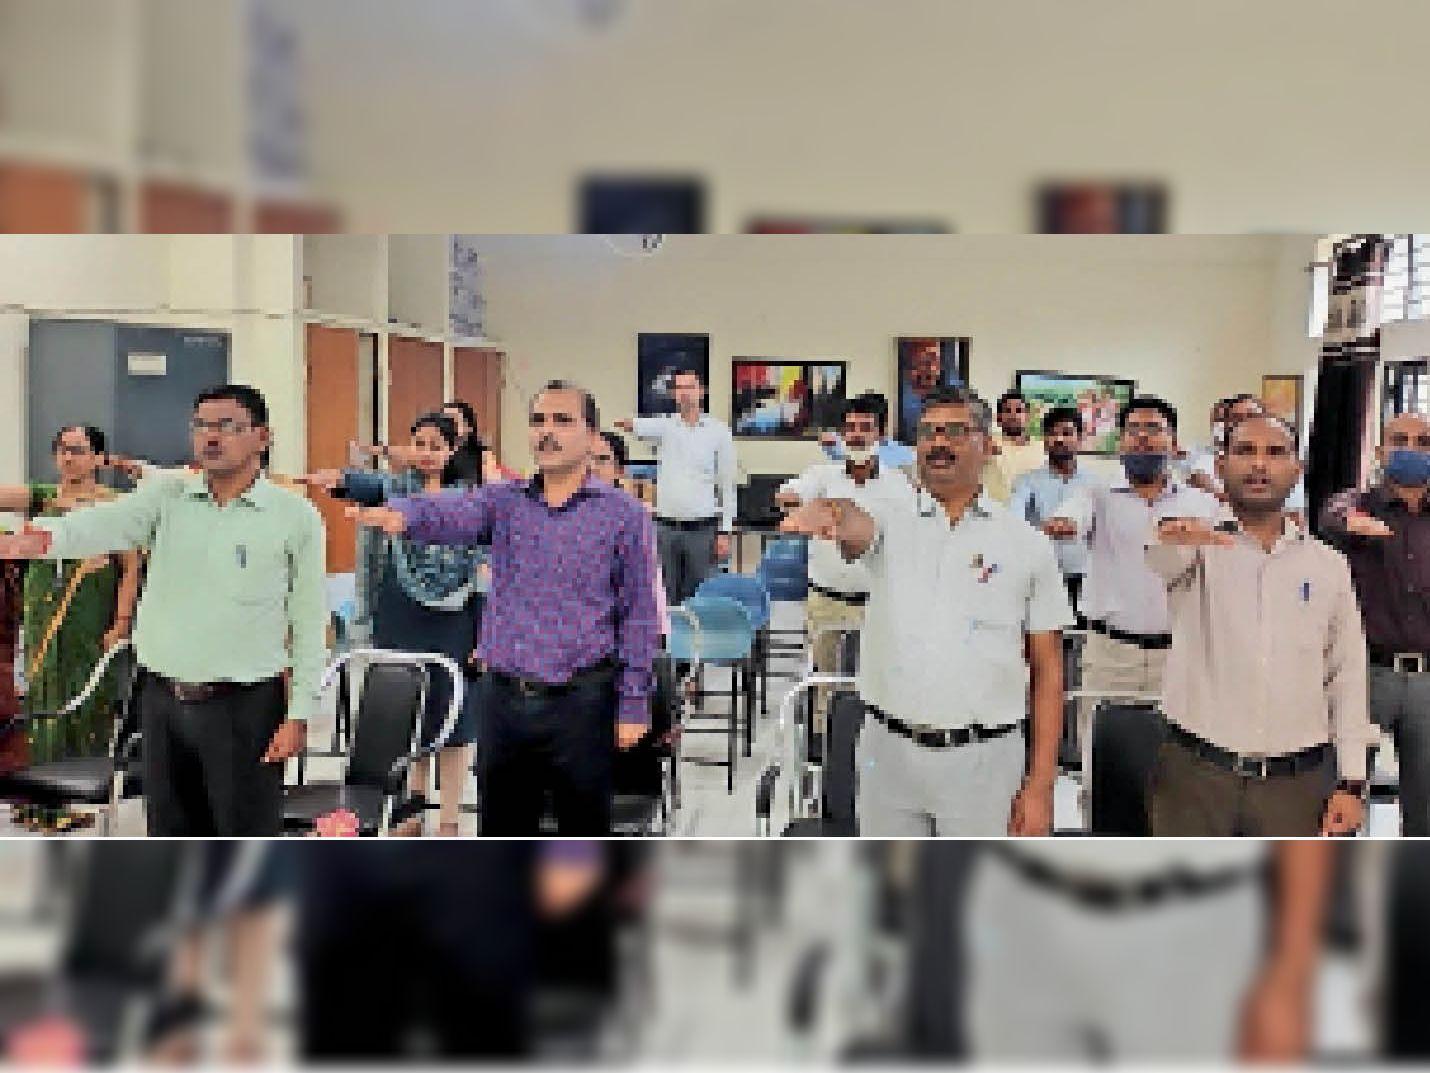 केंद्रीय विद्यालय में हिन्दी भाषा के संवर्धन के लिए शिक्षकों ने ली शपथ। - Dainik Bhaskar